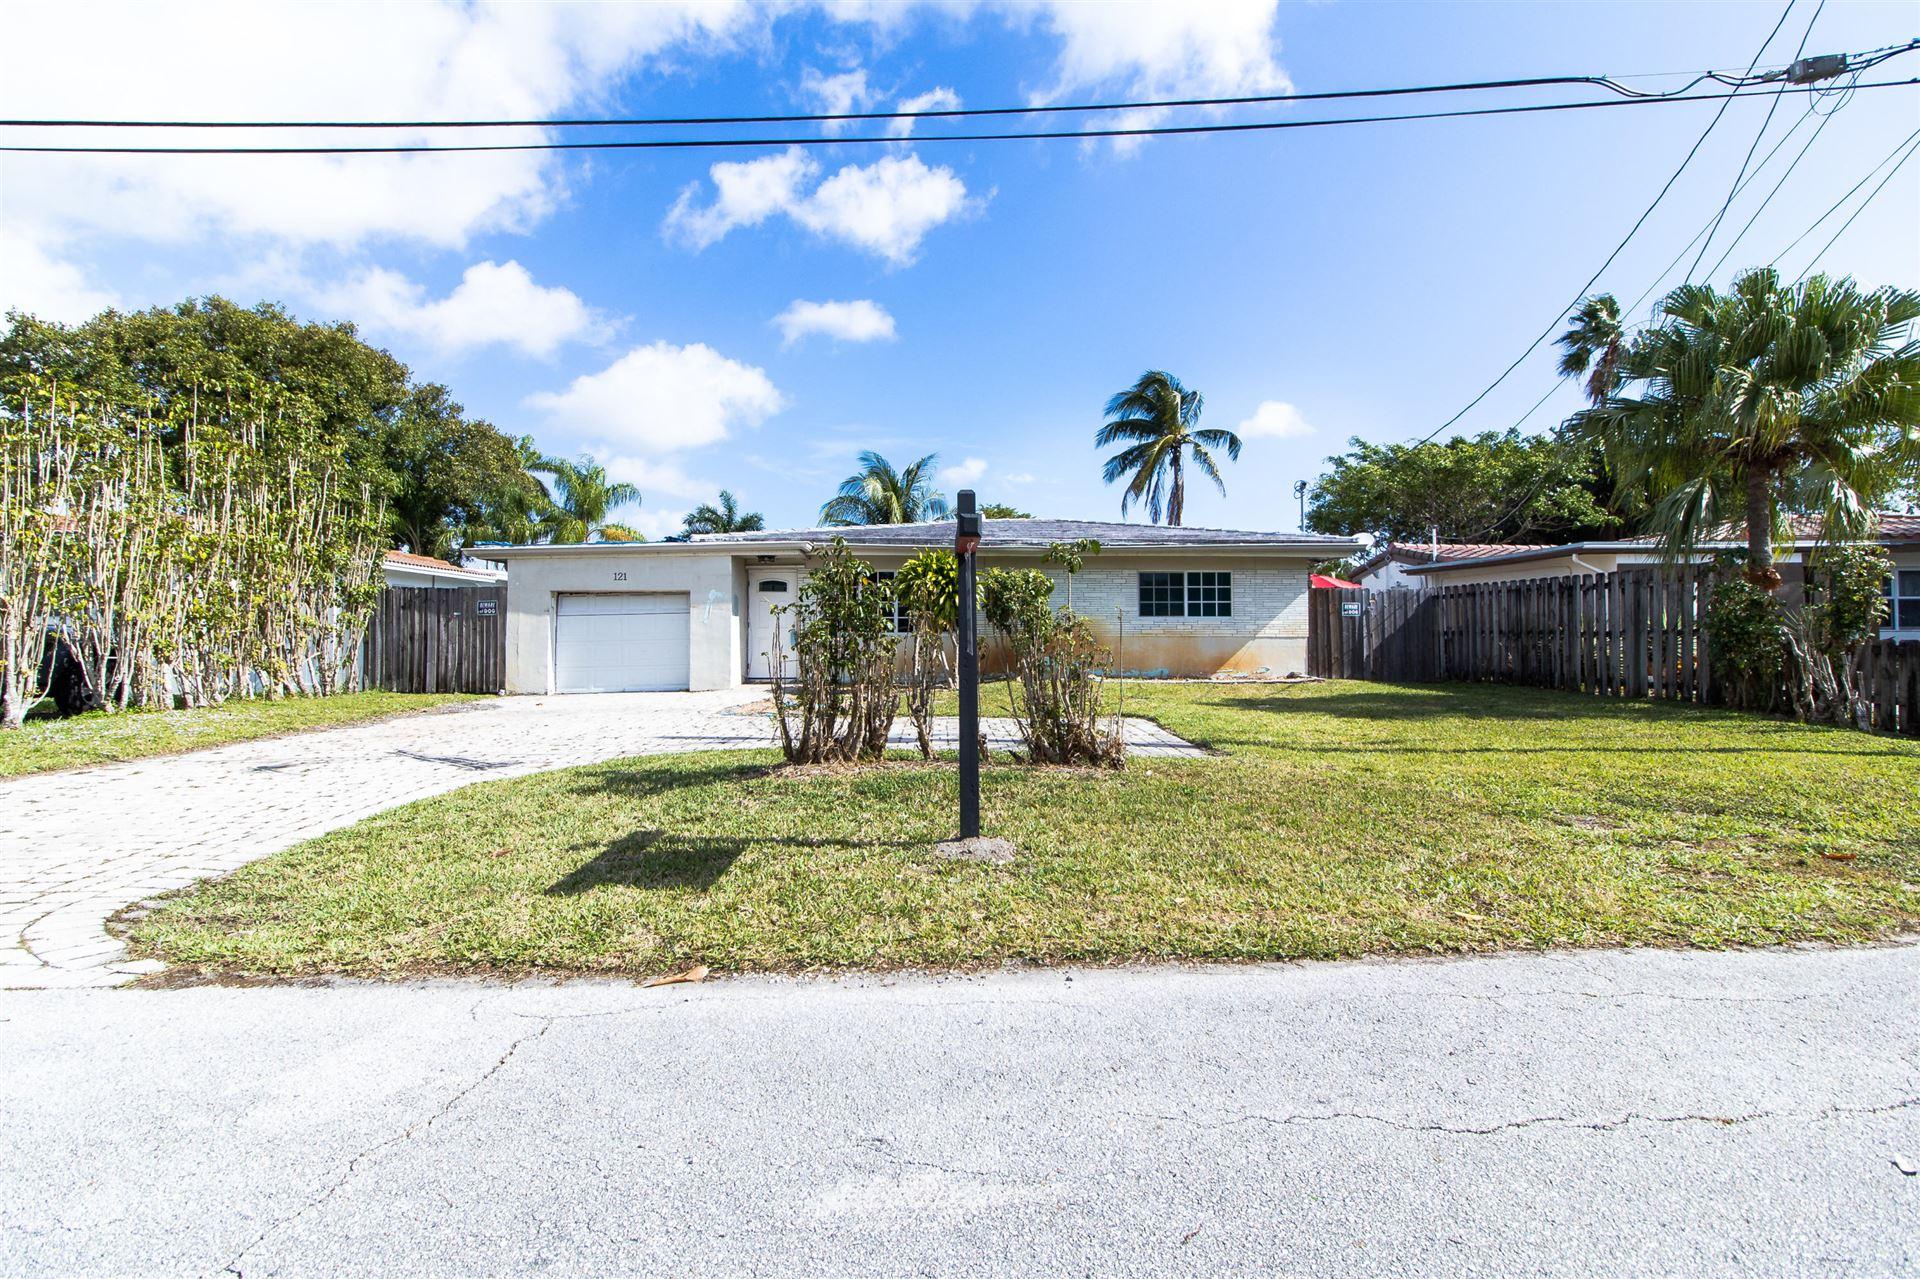 Photo of 121 Almar Drive, Wilton Manors, FL 33334 (MLS # RX-10692607)